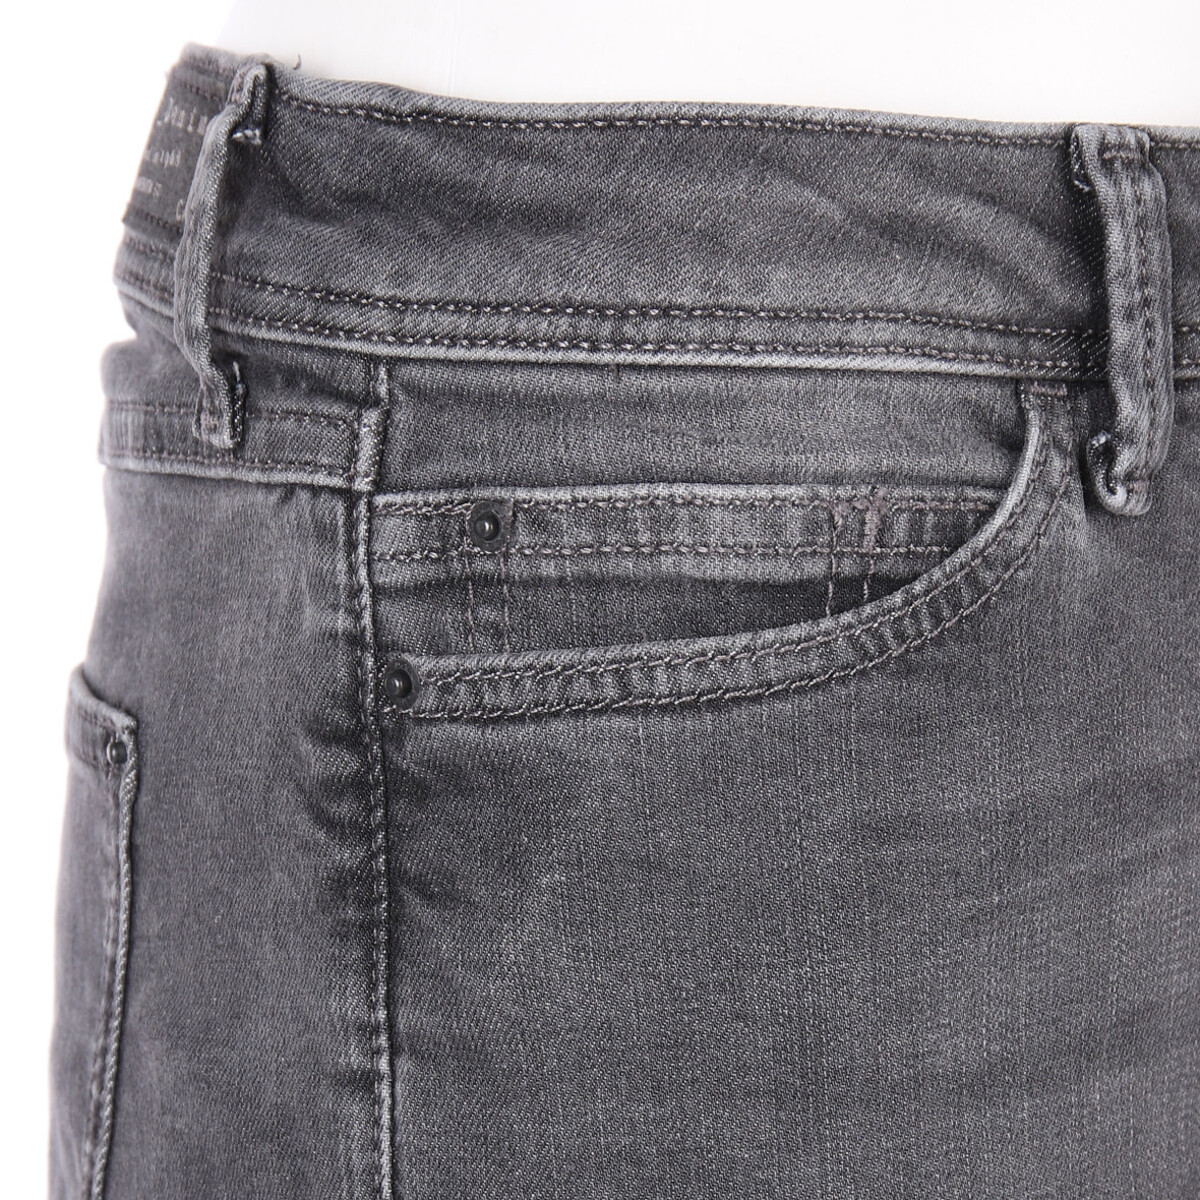 Bild 3 von Damen Jeans im 5-Pocket-Stil